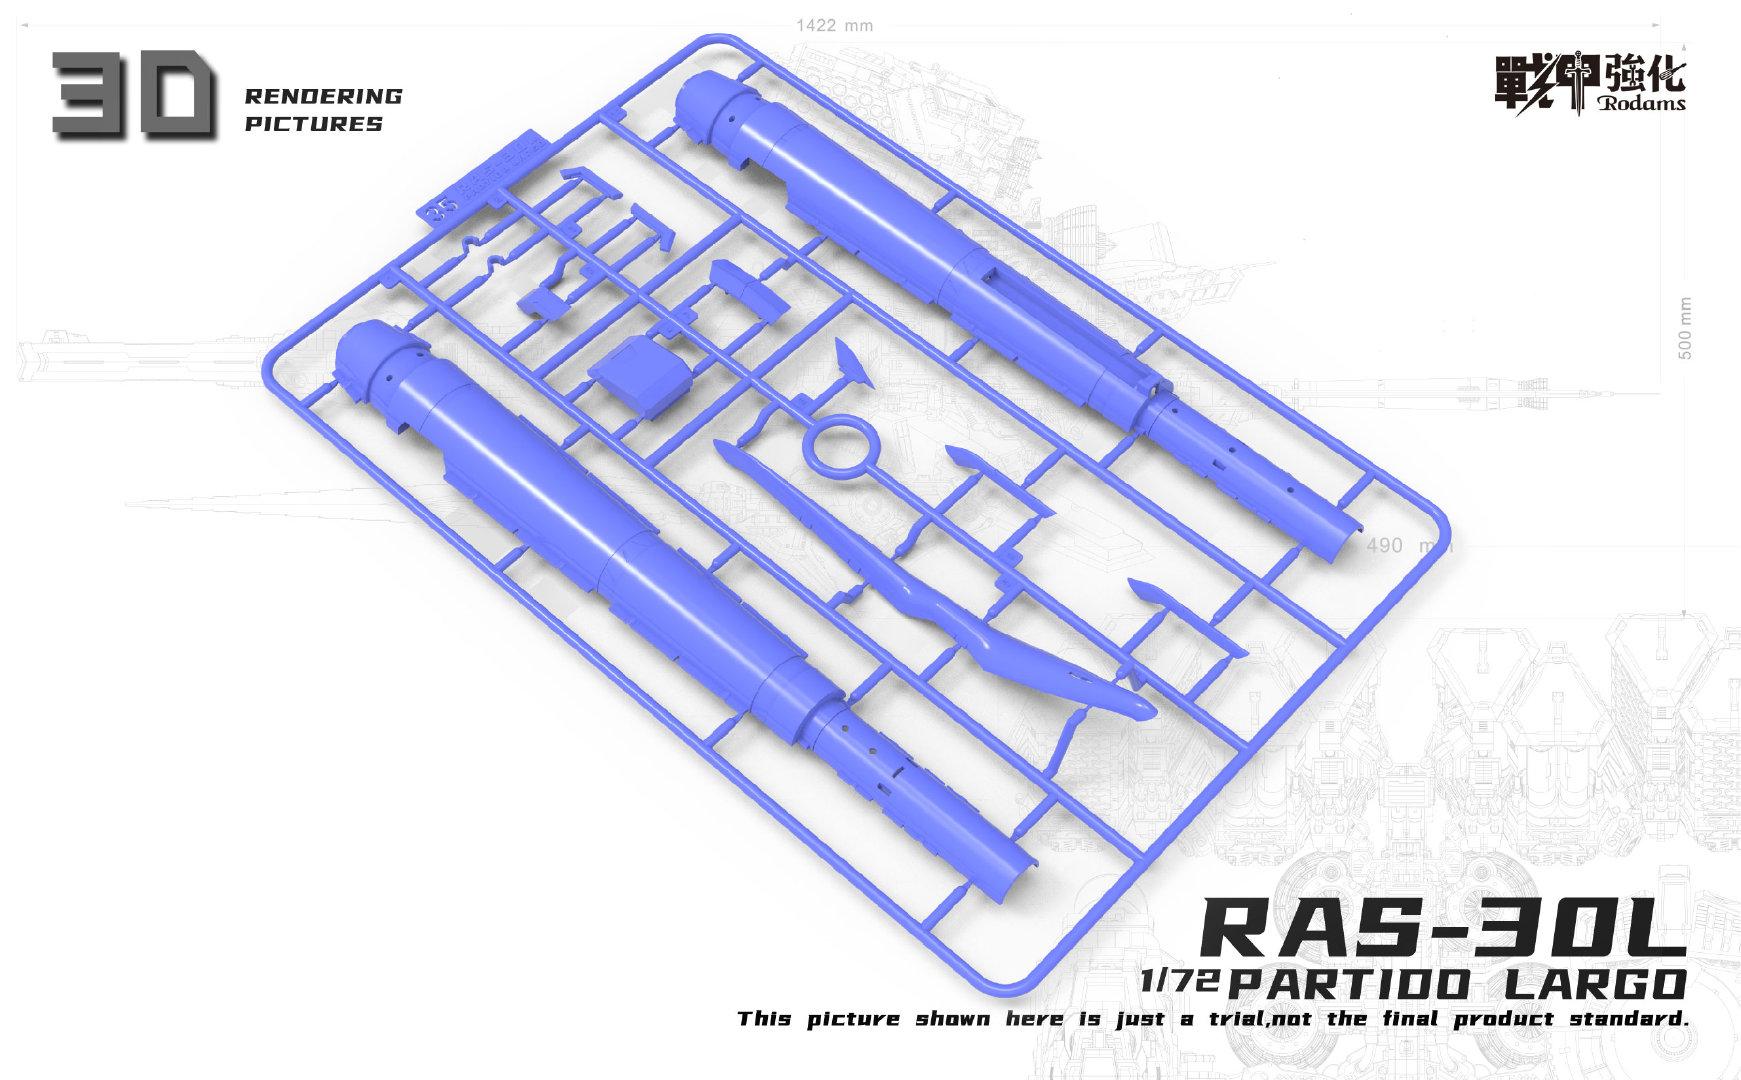 S542_GP03D_largo_Rodams_0222_011.jpg